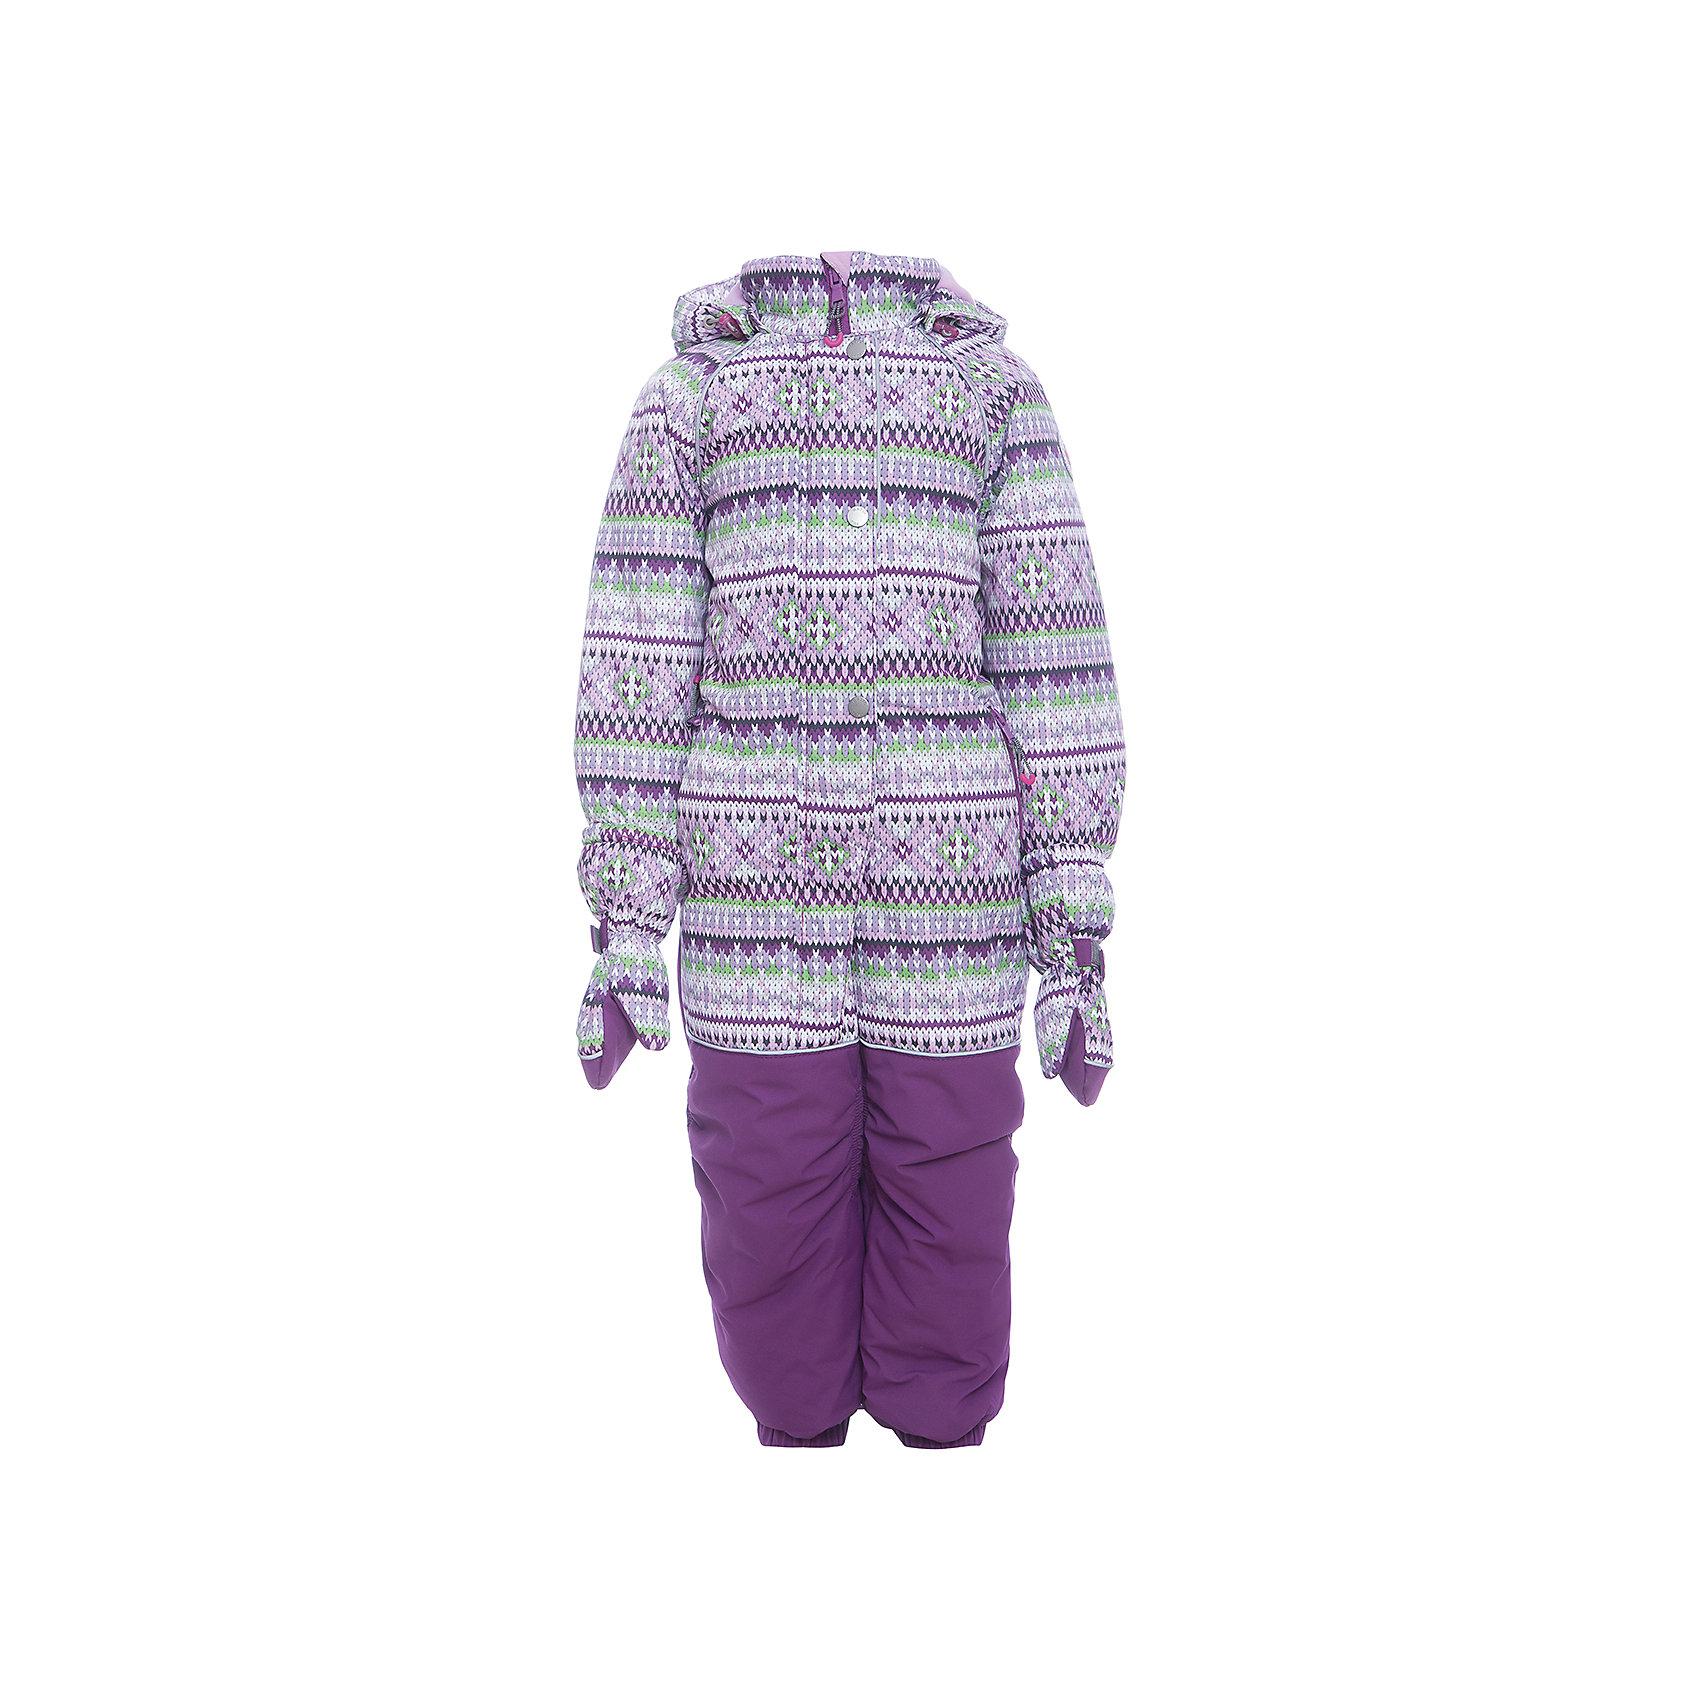 Комбинезон Тина Batik для девочкиВерхняя одежда<br>Характеристики товара:<br><br>• цвет: сиреневый<br>• состав ткани: таслан<br>• подкладка: поларфлис<br>• утеплитель: слайтекс<br>• сезон: зима<br>• мембранное покрытие<br>• температурный режим: от -35 до 0<br>• водонепроницаемость: 5000 мм <br>• паропроницаемость: 5000 г/м2<br>• плотность утеплителя: 300 г/м2<br>• застежка: молния<br>• капюшон: съемный, без меха<br>• краги<br>• съемные силиконовые штрипки<br>• страна бренда: Россия<br>• страна изготовитель: Россия<br><br>Подкладка такого комбинезона для девочки сделана из поларфлис - она мягкая и теплая. Детский зимний комбинезон дополнен капюшоном, силиконовыми штрипками и удобной молнией с ветрозащитной планкой. Этот детский комбинезон декорирован принтом. Верх детского комбинезона надежно защищает от холода и влаги. <br><br>Комбинезон Тина Batik (Батик) для девочки можно купить в нашем интернет-магазине.<br><br>Ширина мм: 356<br>Глубина мм: 10<br>Высота мм: 245<br>Вес г: 519<br>Цвет: лиловый<br>Возраст от месяцев: 36<br>Возраст до месяцев: 48<br>Пол: Женский<br>Возраст: Детский<br>Размер: 104,86,92,98<br>SKU: 7028086